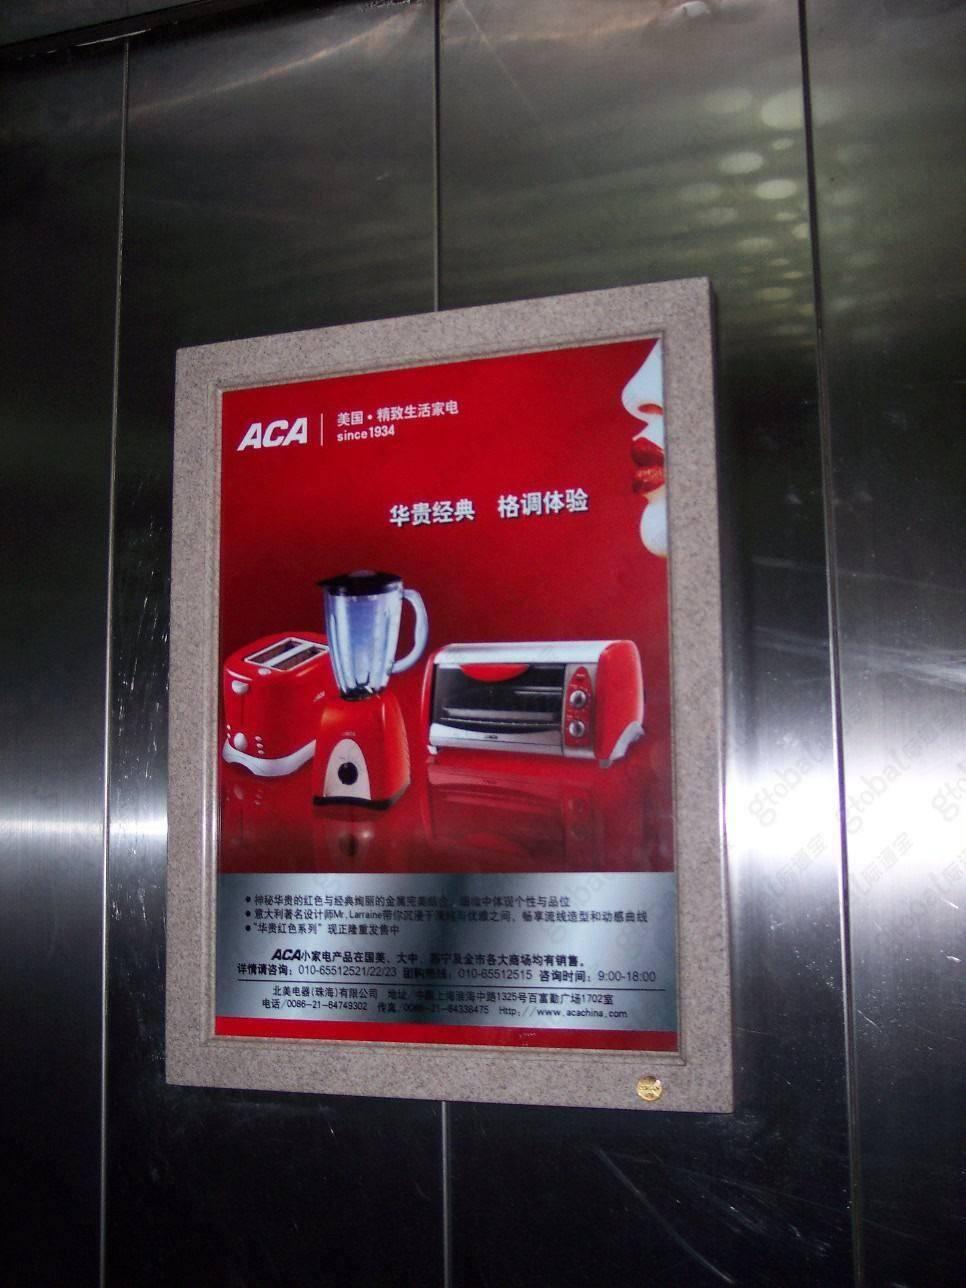 太原电梯广告公司广告牌框架3.0投放(100框起投)